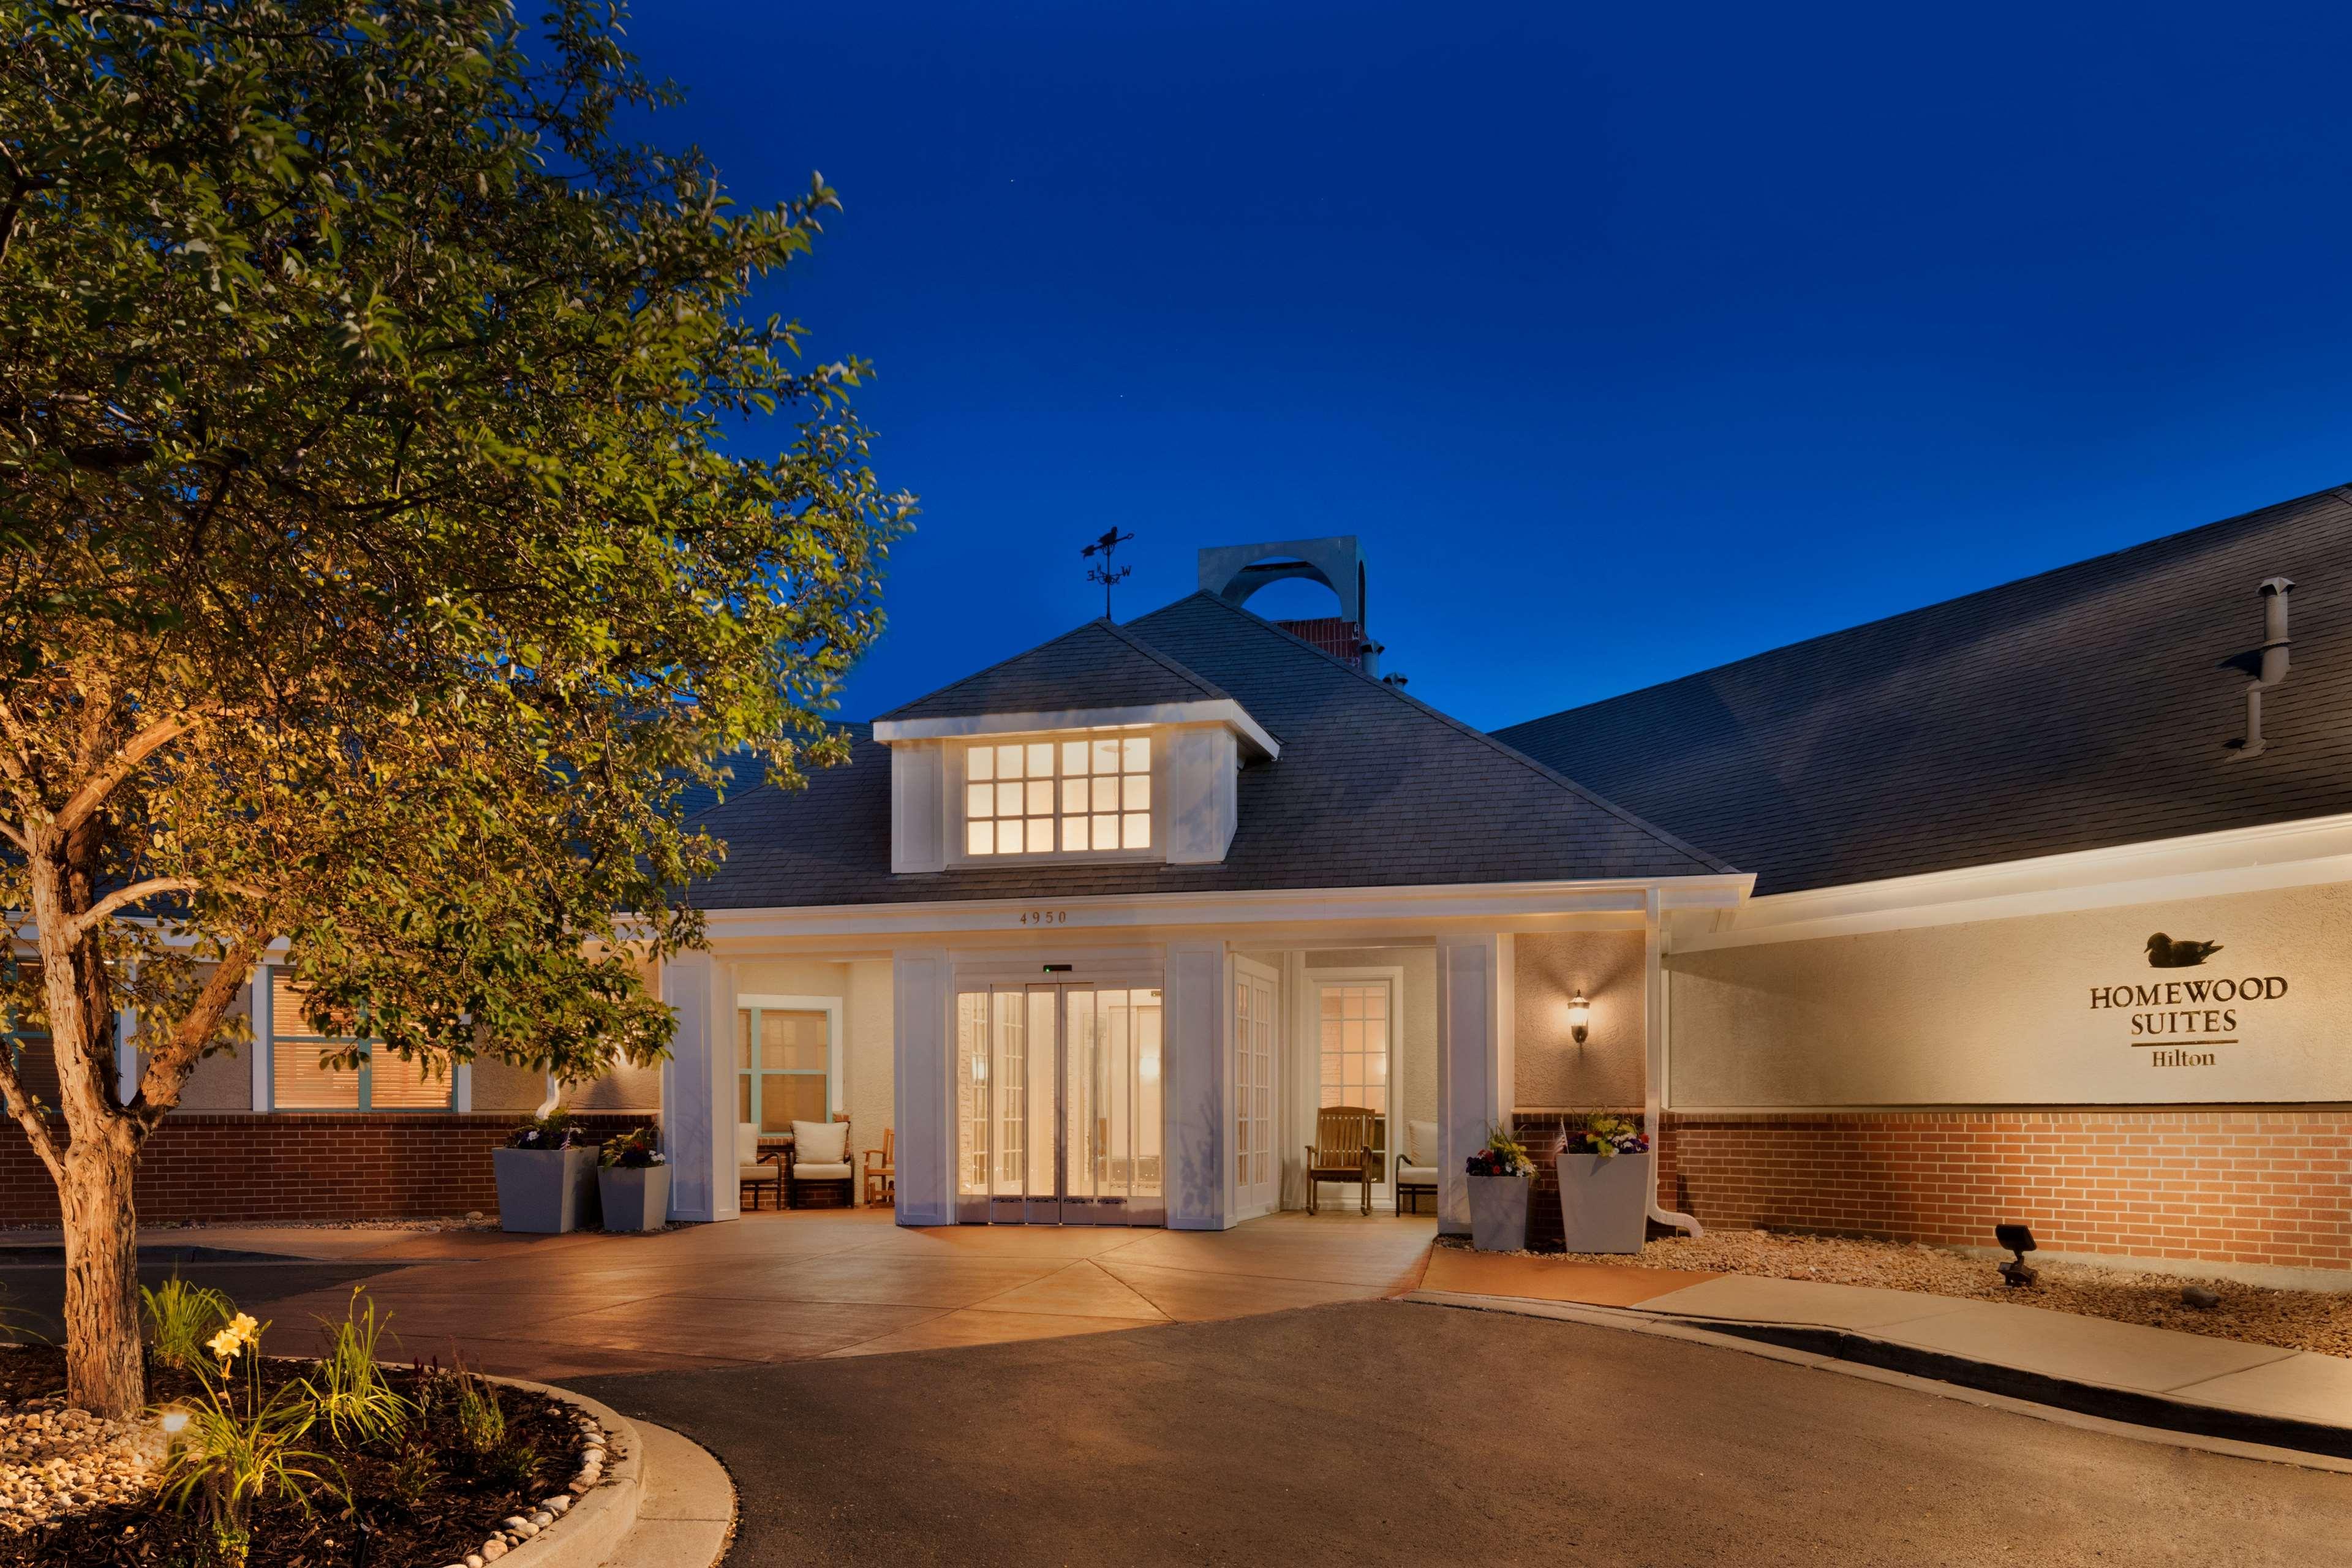 Homewood Suites by Hilton - Boulder image 3